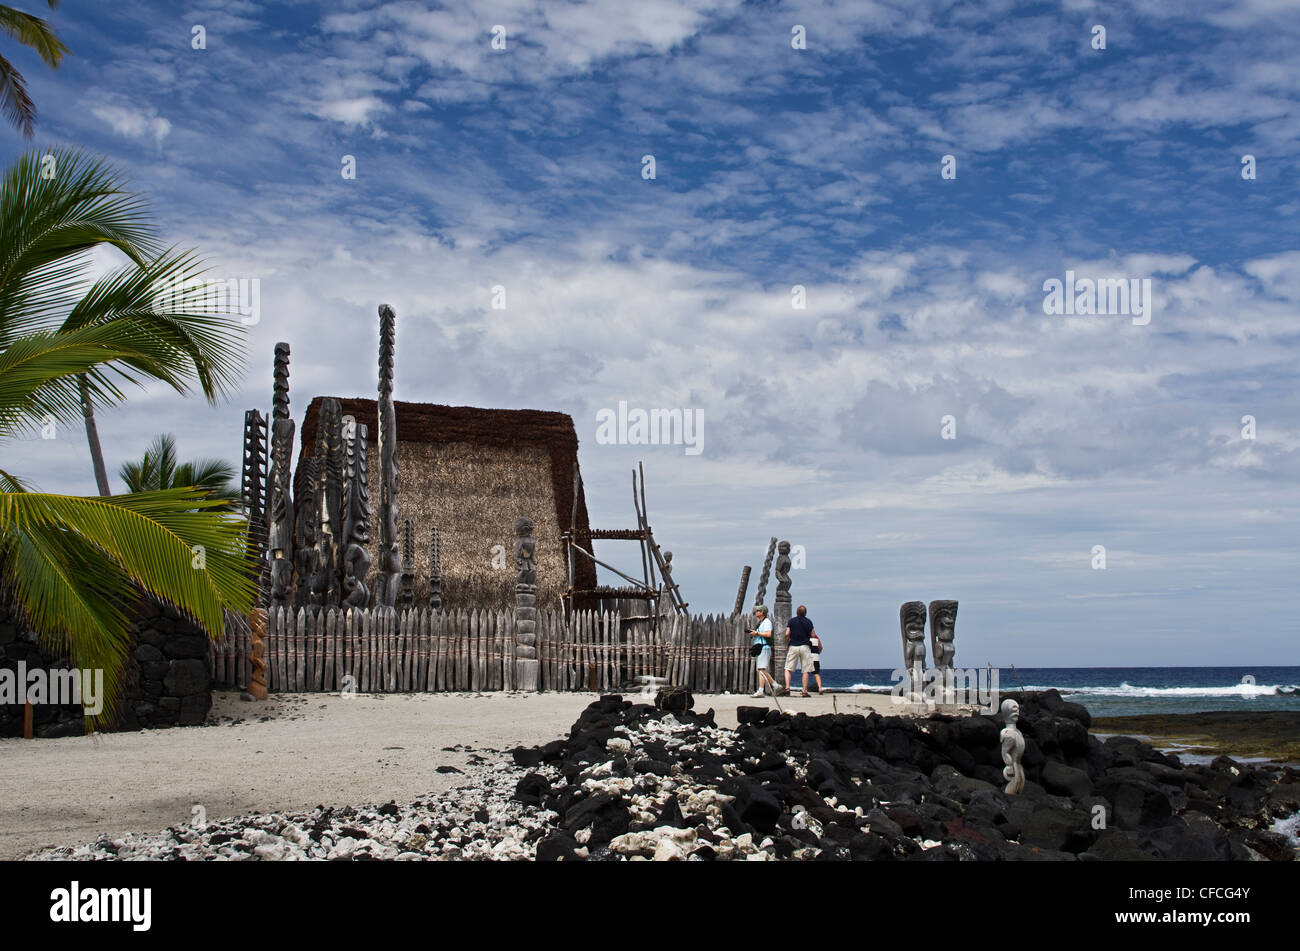 USA, Hawaii, Pu'uhonua o Hōnaunau National Historical Park. Visitors at Hale o Keawe (temple). - Stock Image